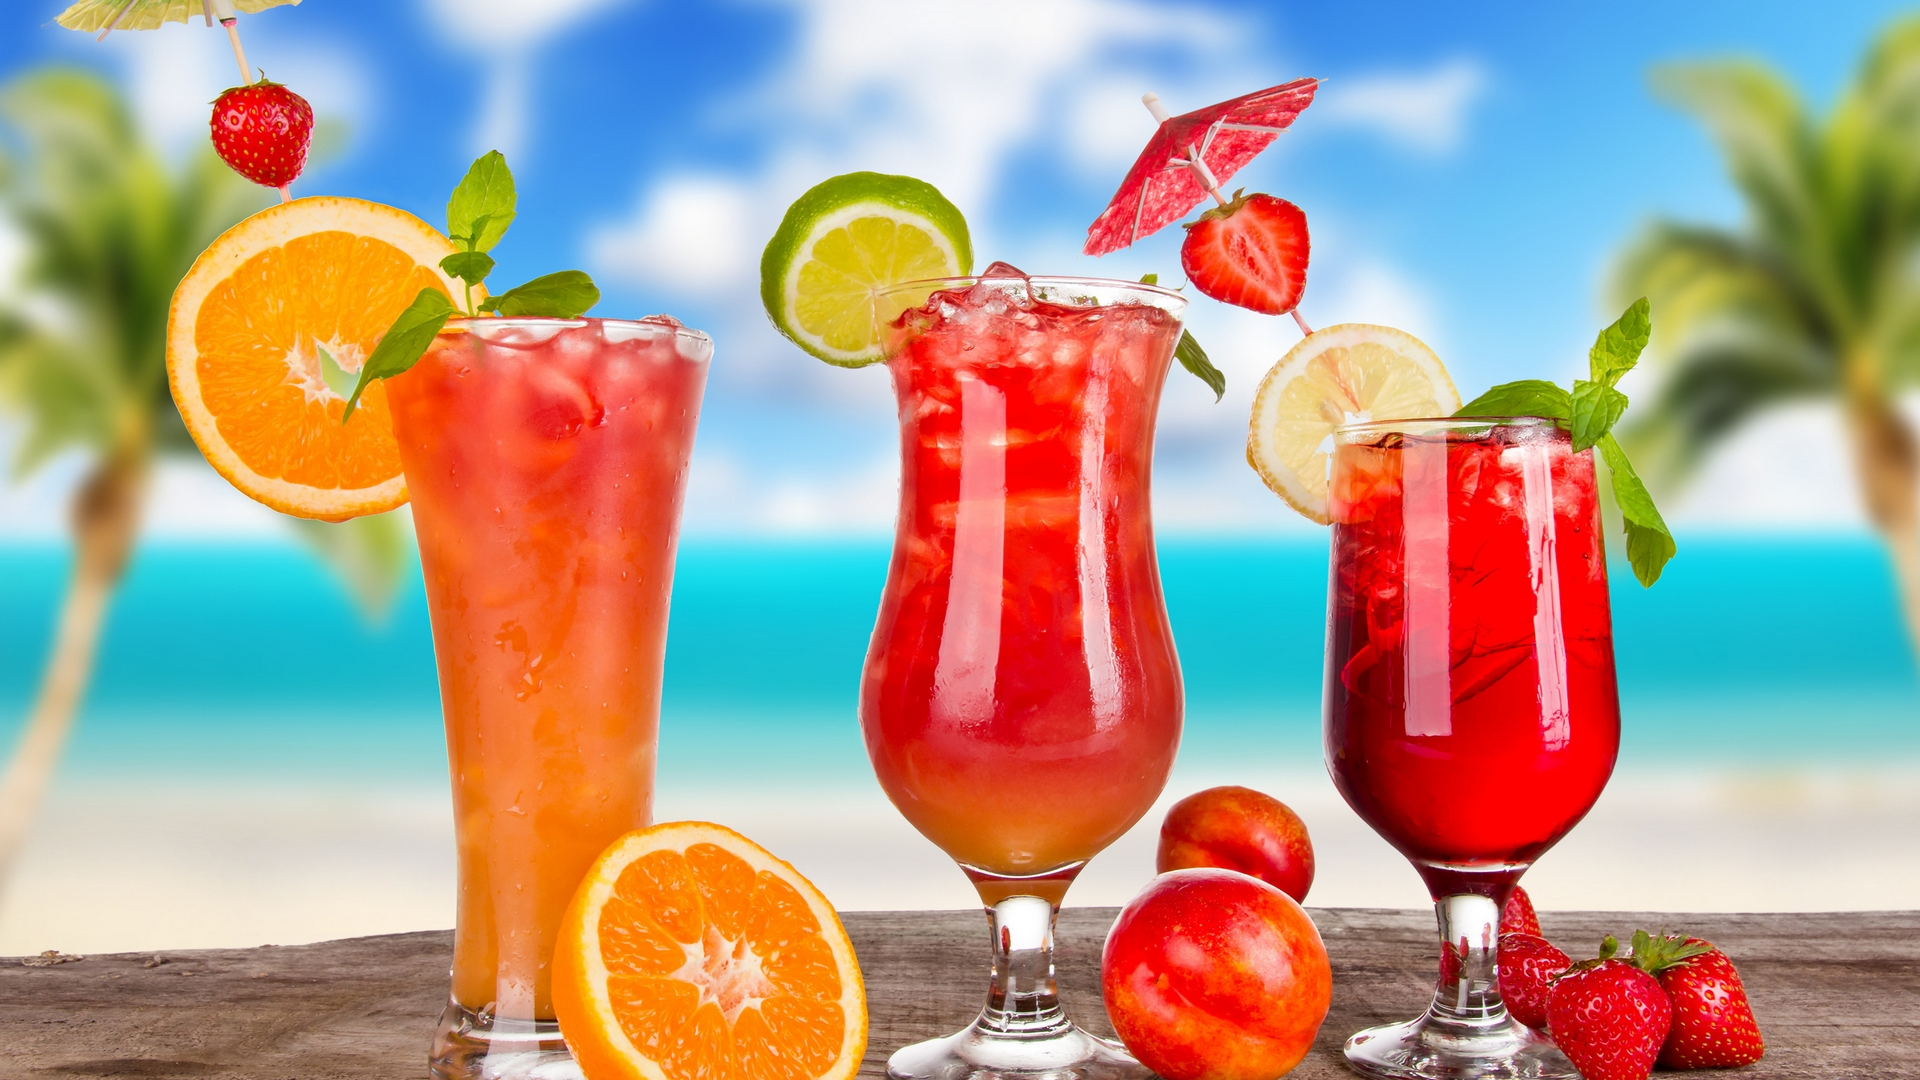 еда сок апельсины клубника кокос коктейль без смс